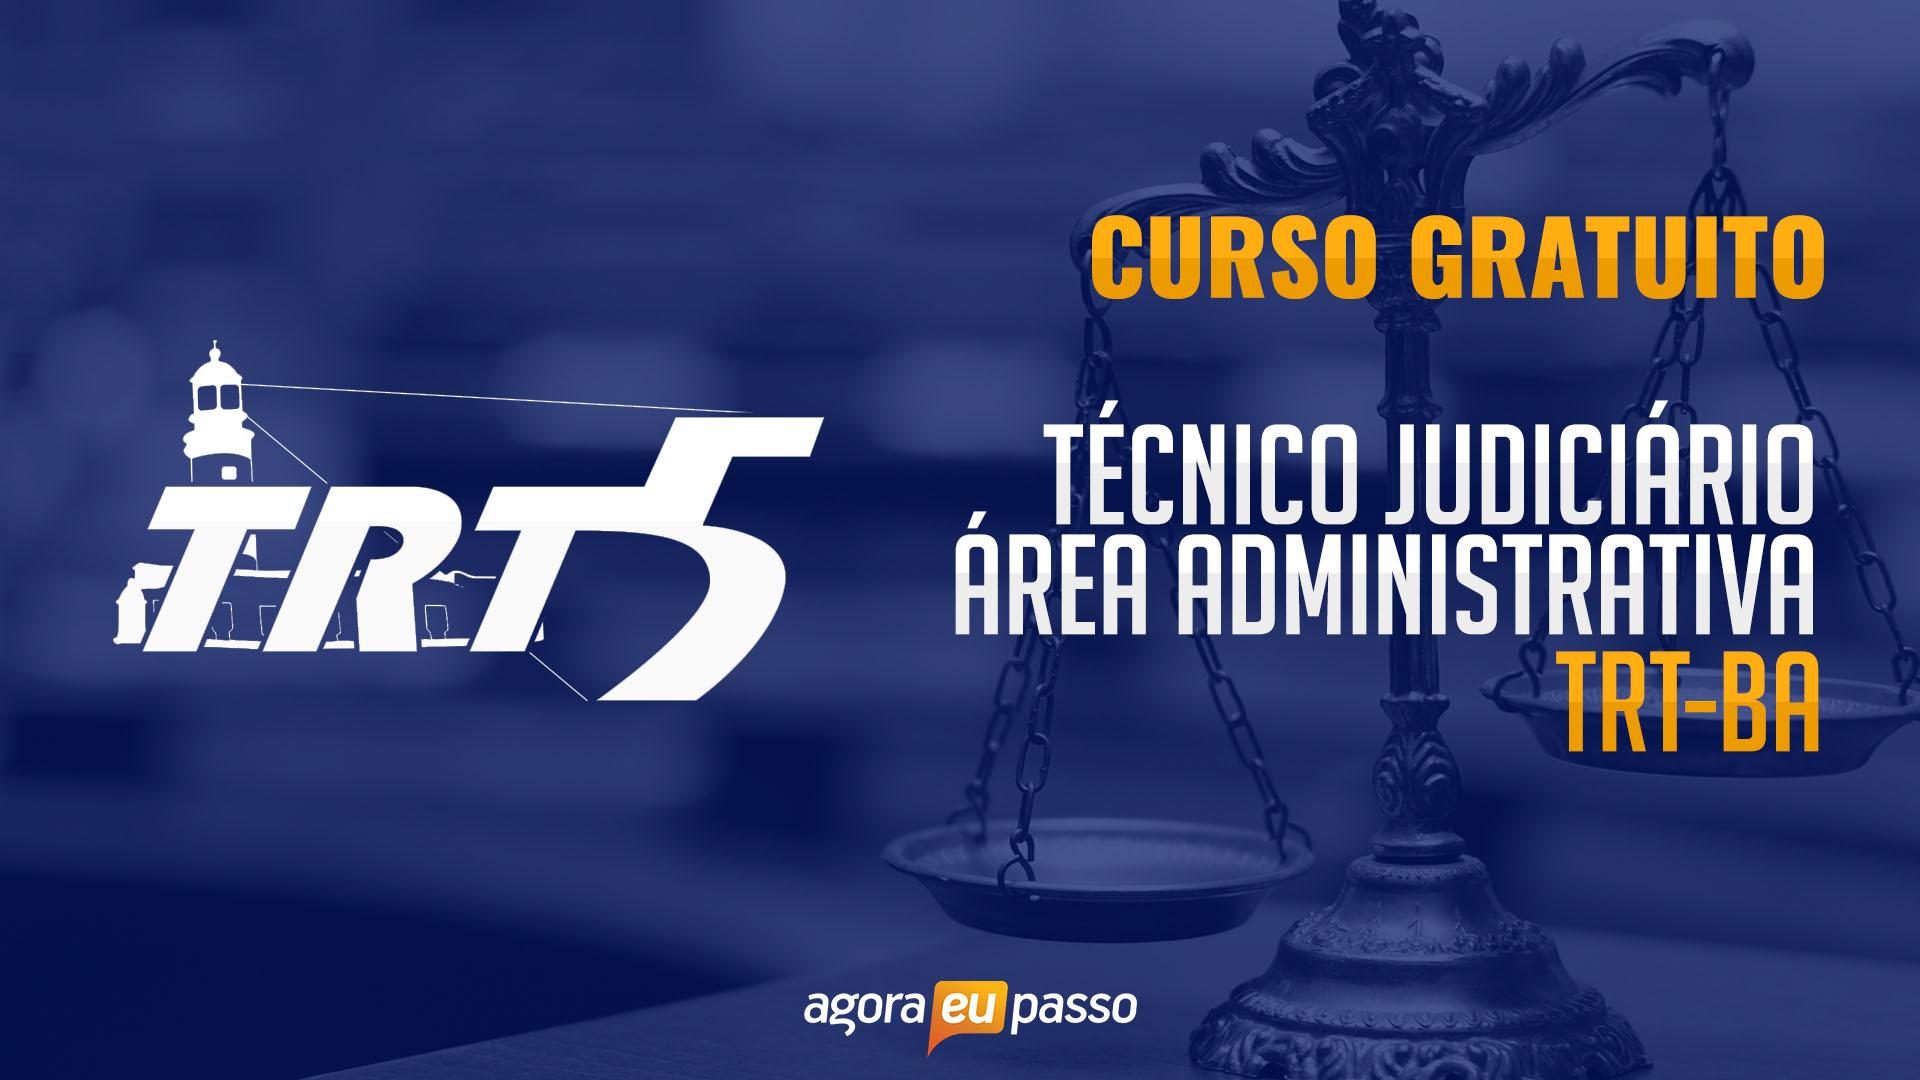 Técnico Judiciário - Área Administrativa  - TRT BA - Gratuito